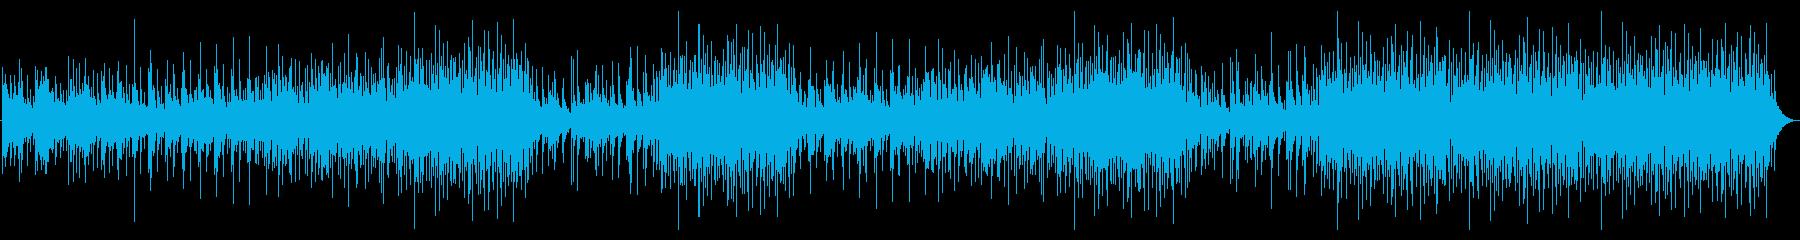 ピアノ、マンドリン、アコースティッ...の再生済みの波形